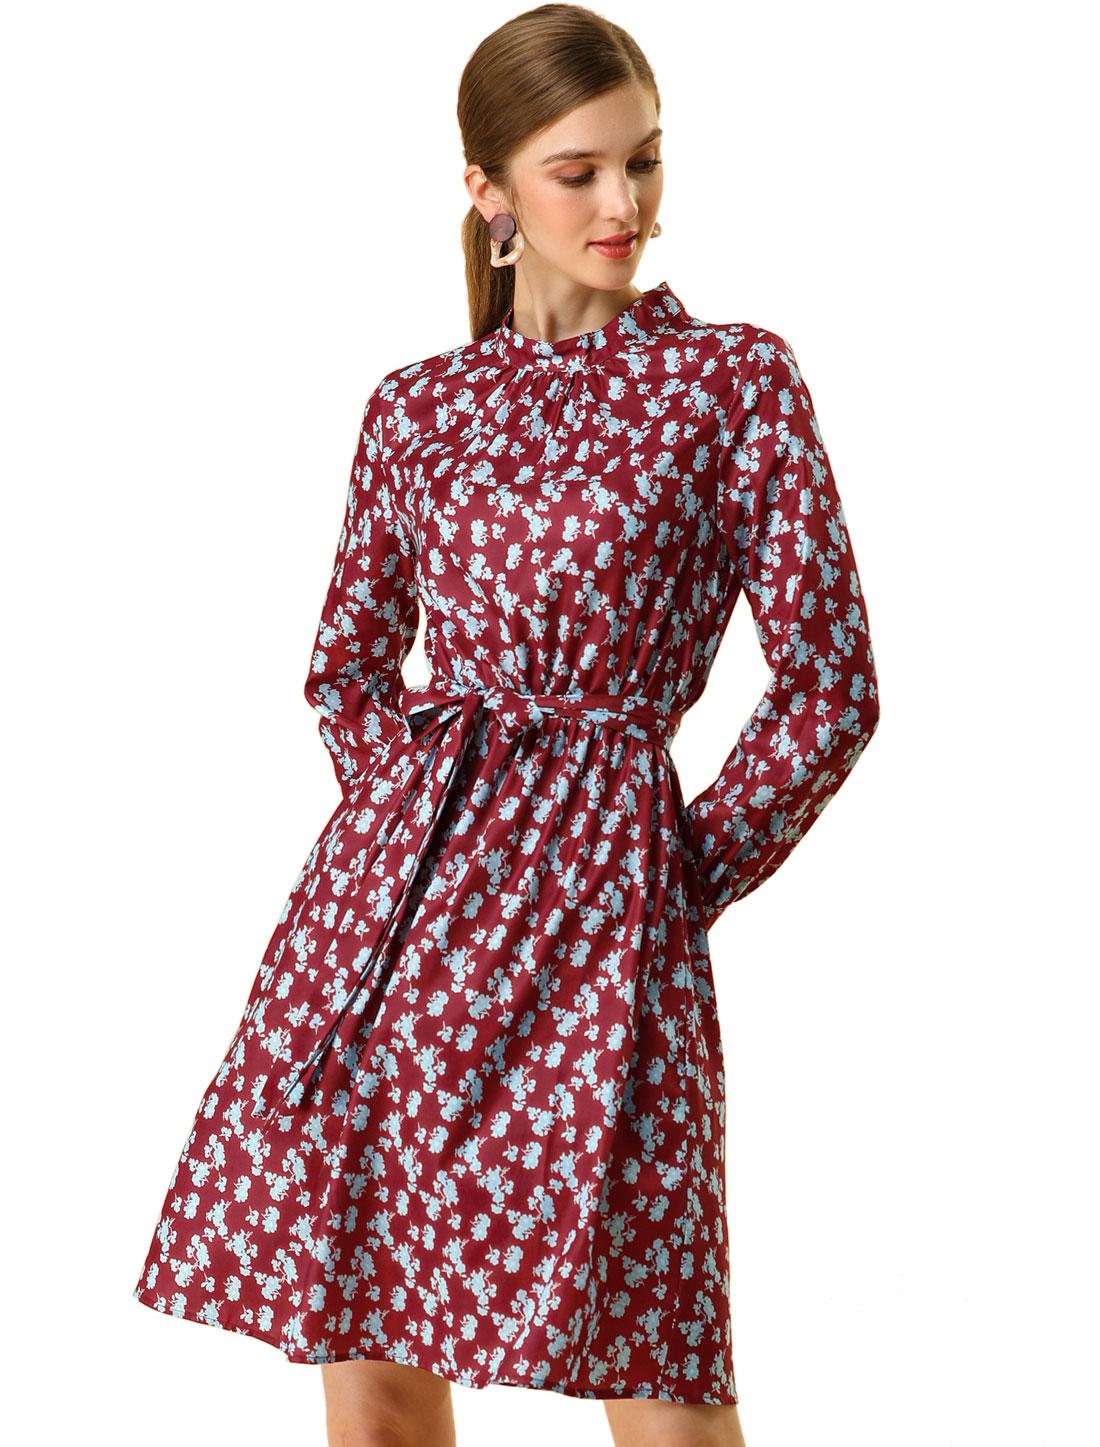 Allegra K Women's Floral Flare Long Sleeve Tie Waist A-line Dress Red XL